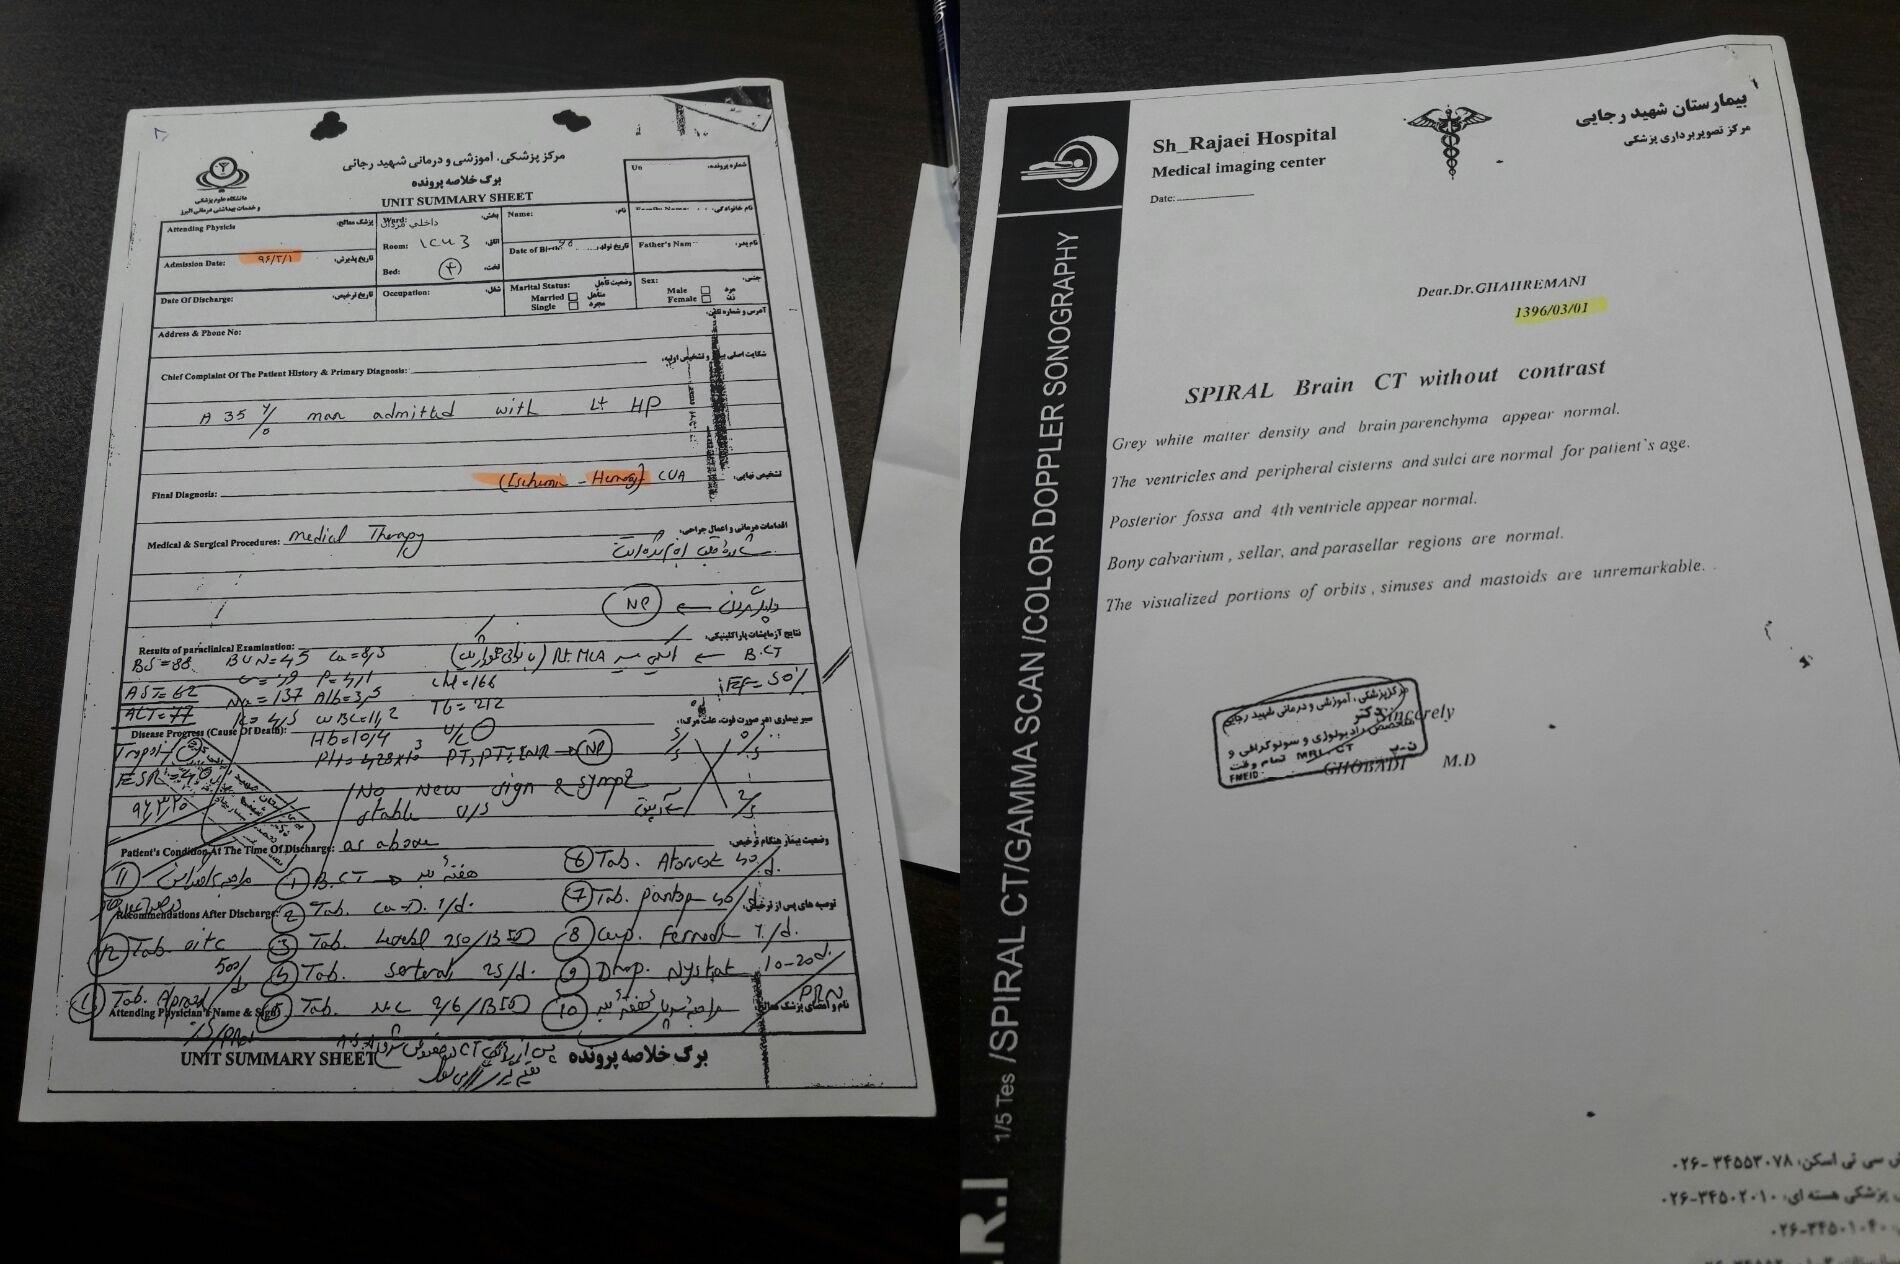 بازی با جان و سلامت مردم در البرز/ جعل هزاران گزارش غلط رادیولوژی در یک بیمارستان+ اسناد